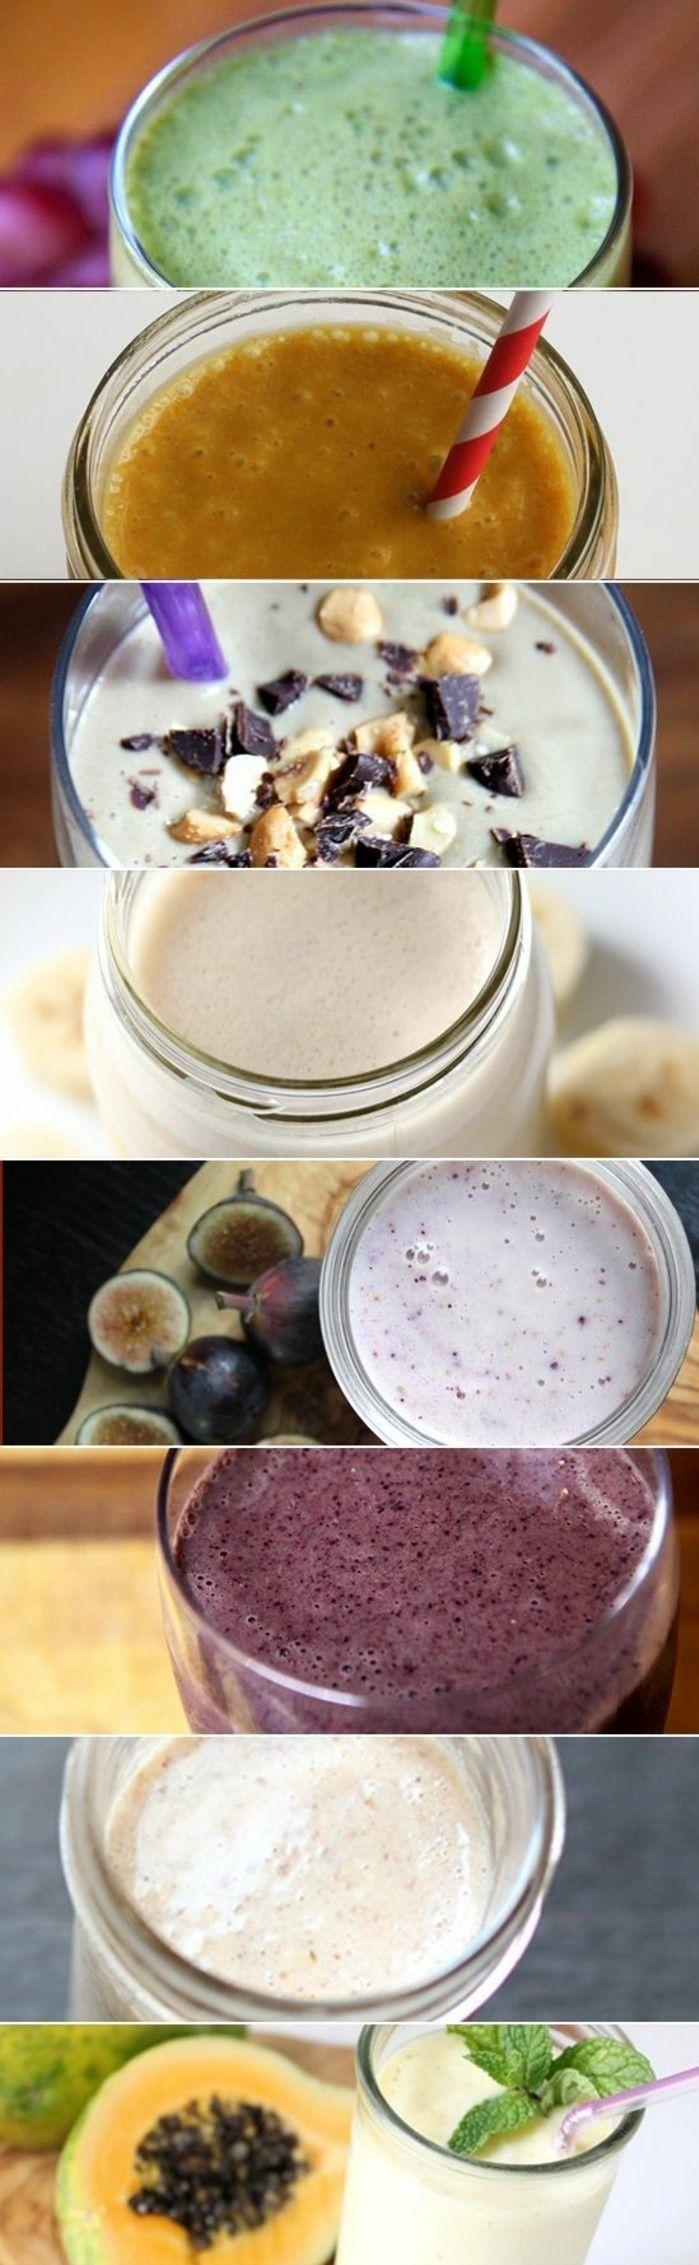 des recettes de smoothies pour bien commencer la journée avec un petit déjeuner équilibré